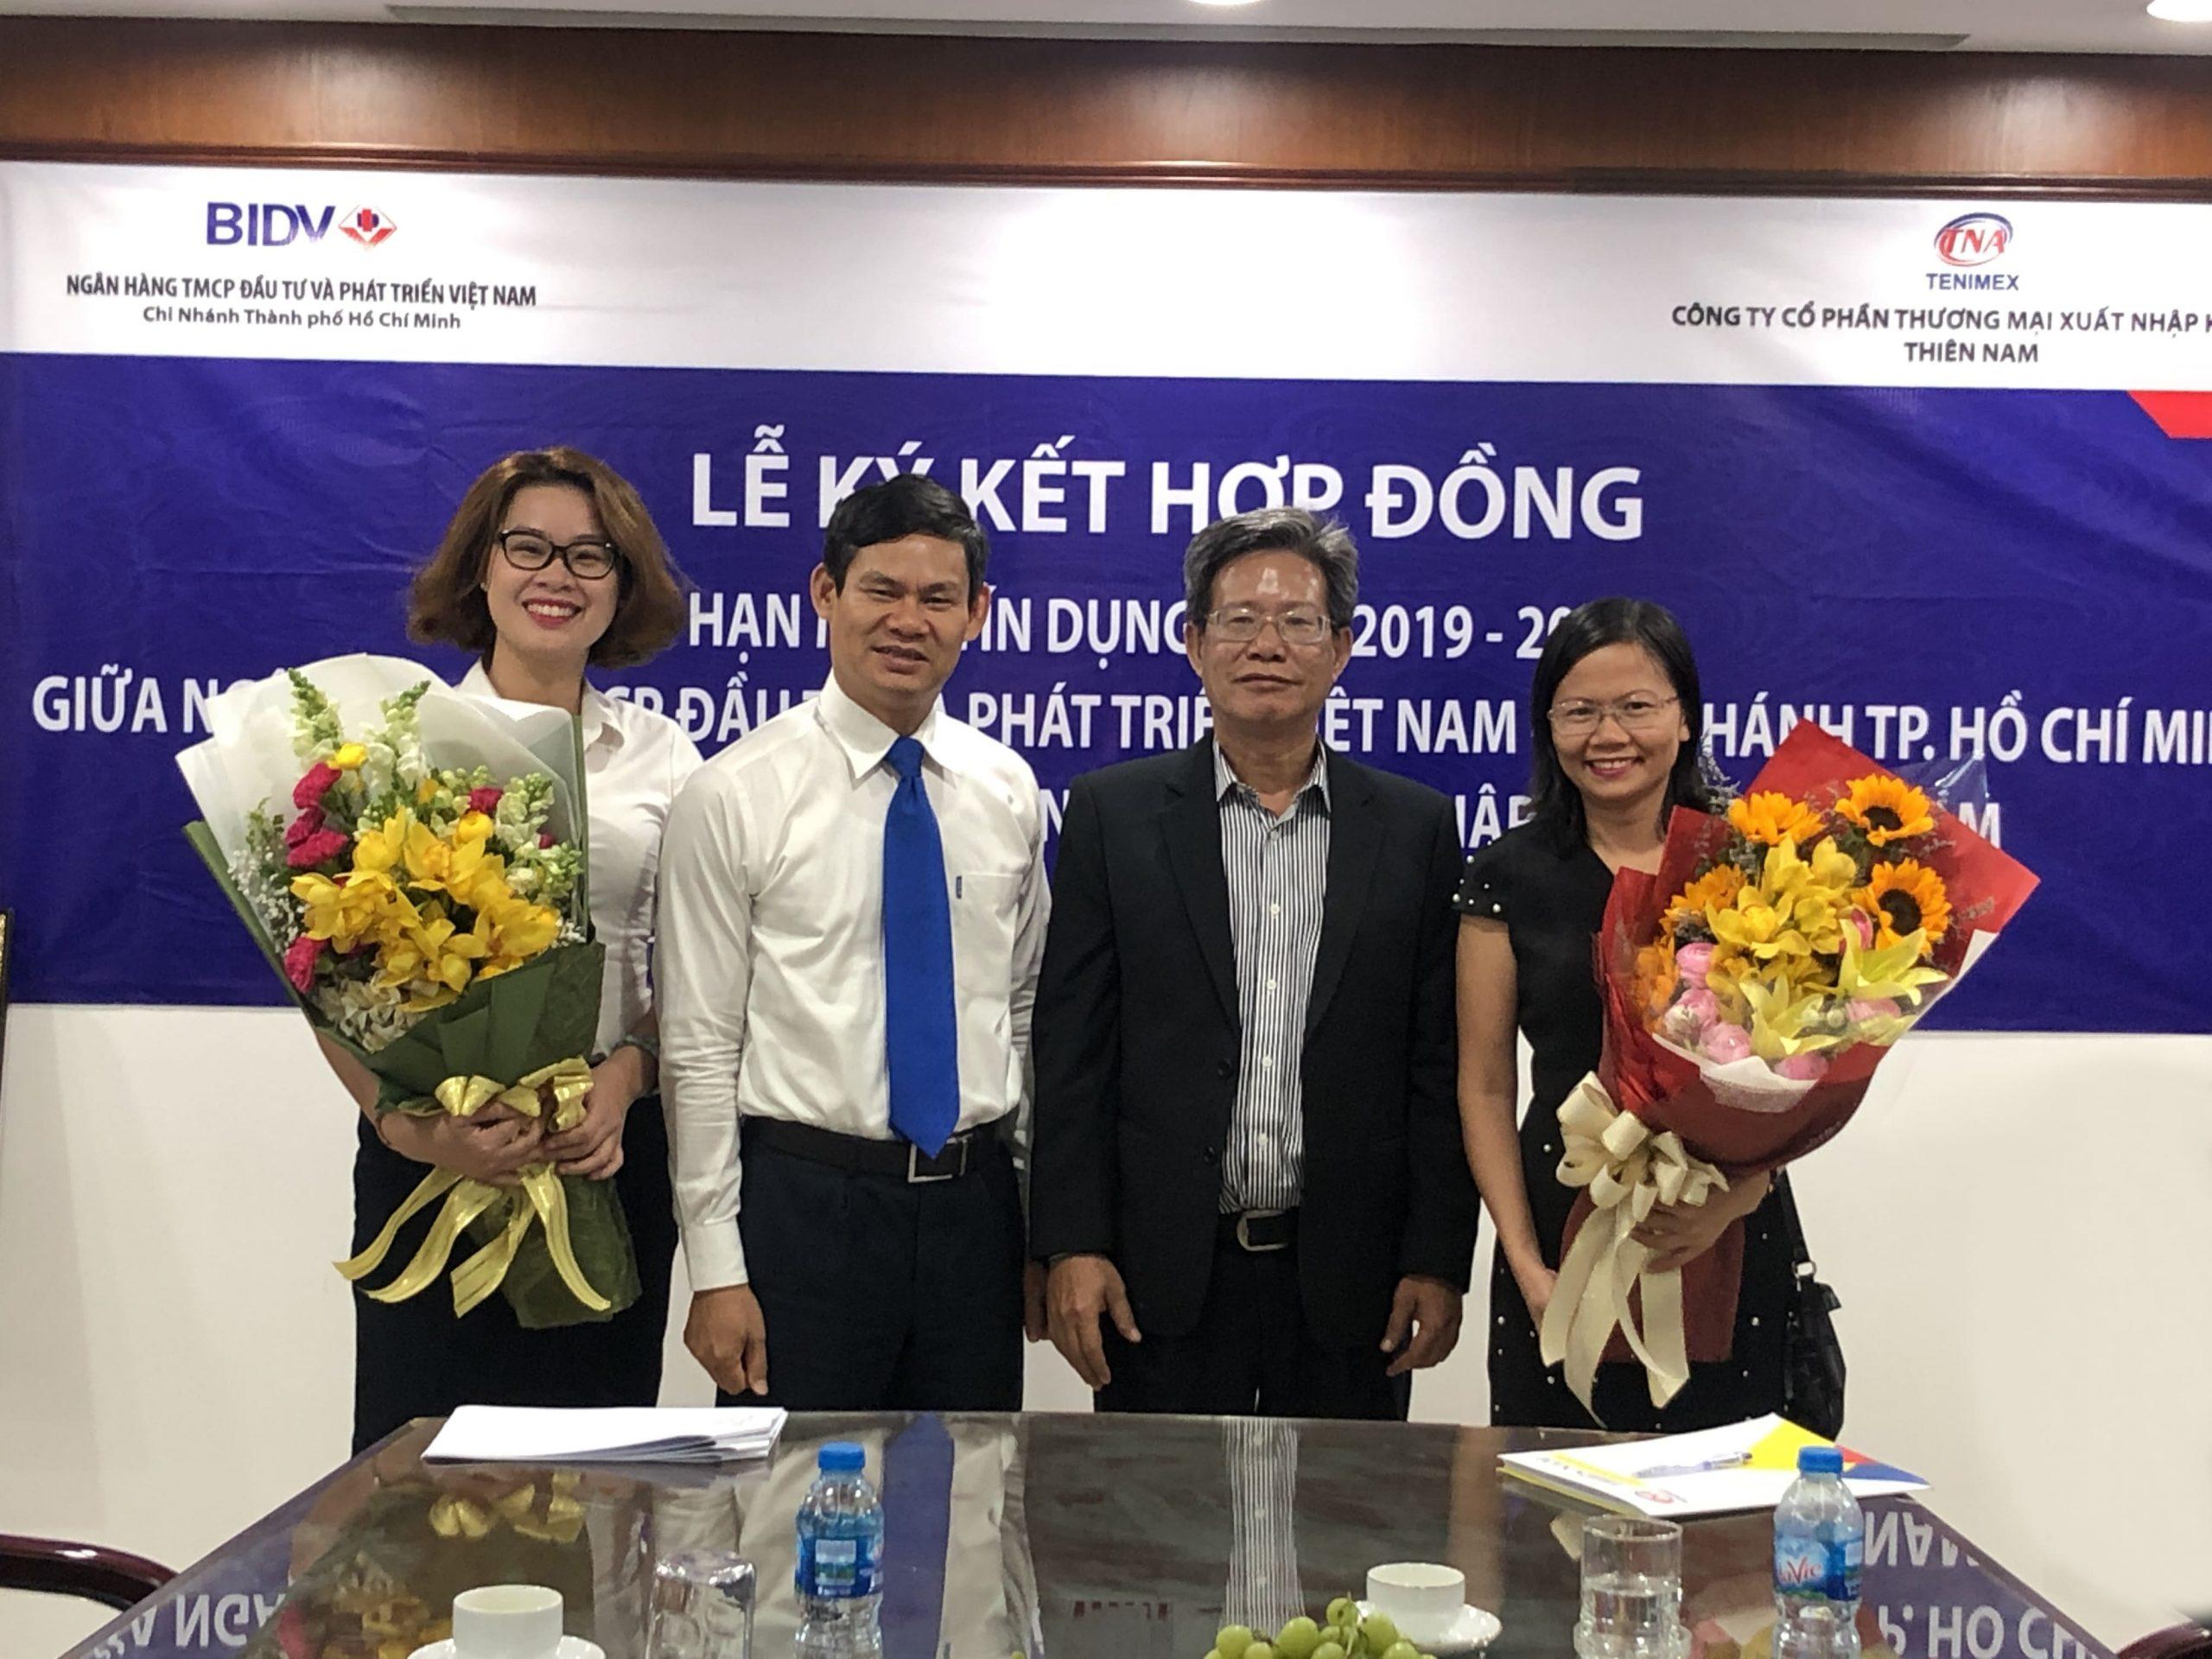 Thiên Nam Và BIDV Chi Nhánh TPHCM Ký Kết Hợp Đồng Hạn Mức Tín Dụng 2019-2020